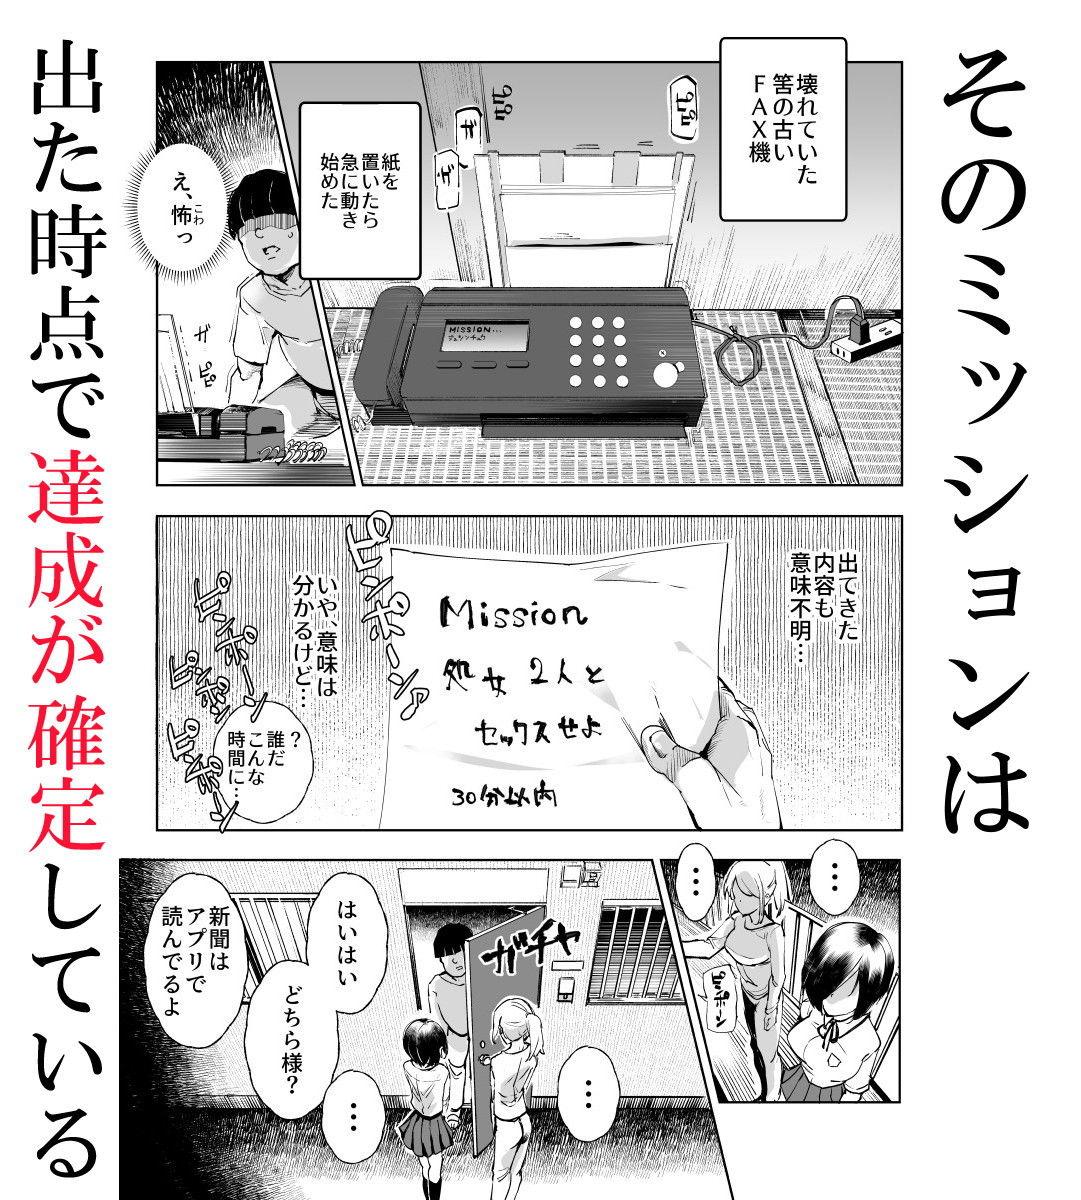 FANZA同人【スーパーチートミッション ~そのエロミッションは必ず達成できる~】